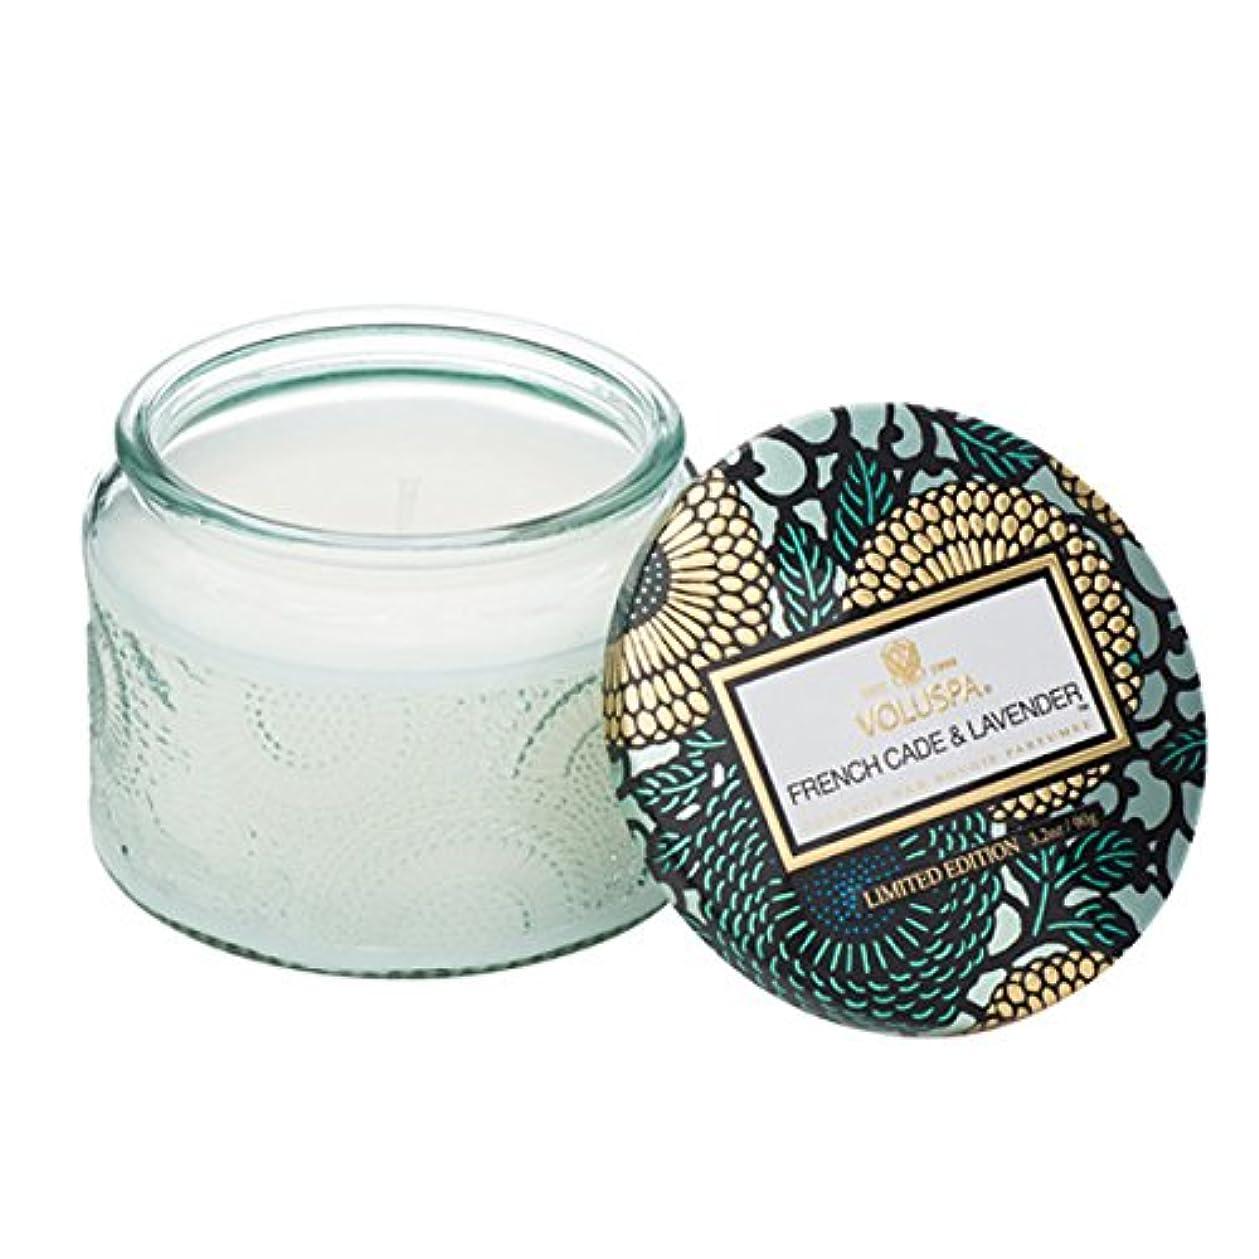 多様体略奪第Voluspa ボルスパ ジャポニカ リミテッド グラスジャーキャンドル  S フレンチケード&ラベンダー FRENCH CADE LAVENDER  JAPONICA Limited PETITE EMBOSSED Glass jar candle